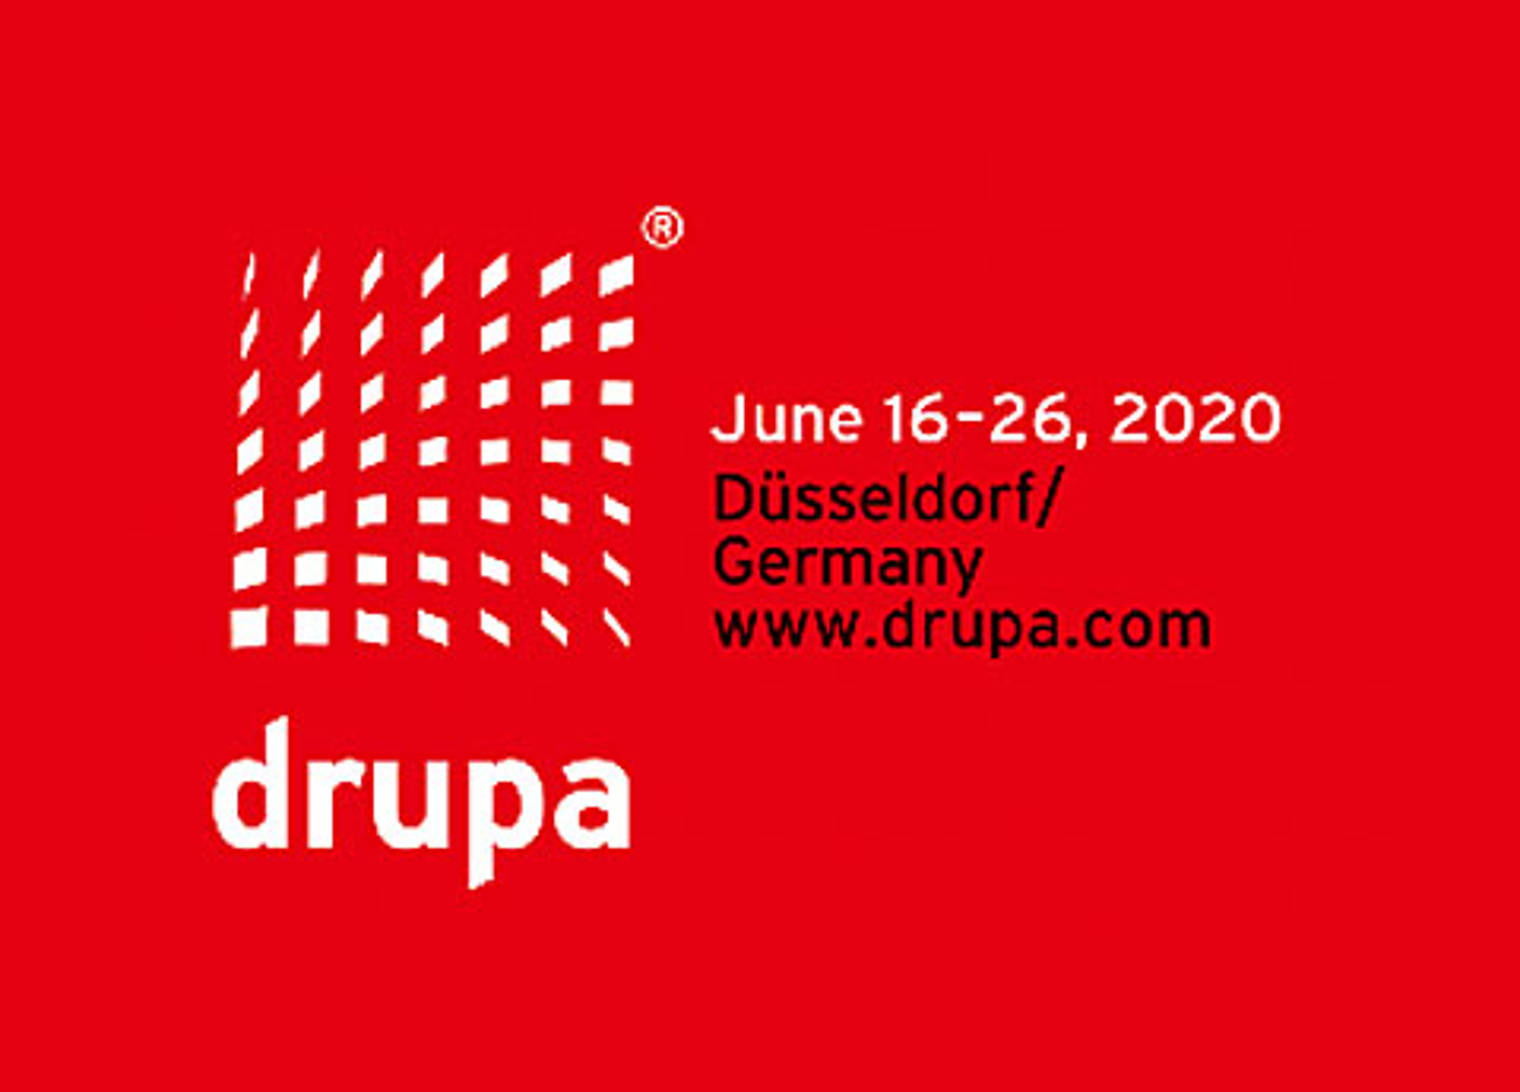 Международная выставка в Дюссельдорфе (Германия) с 16 по 26 июня